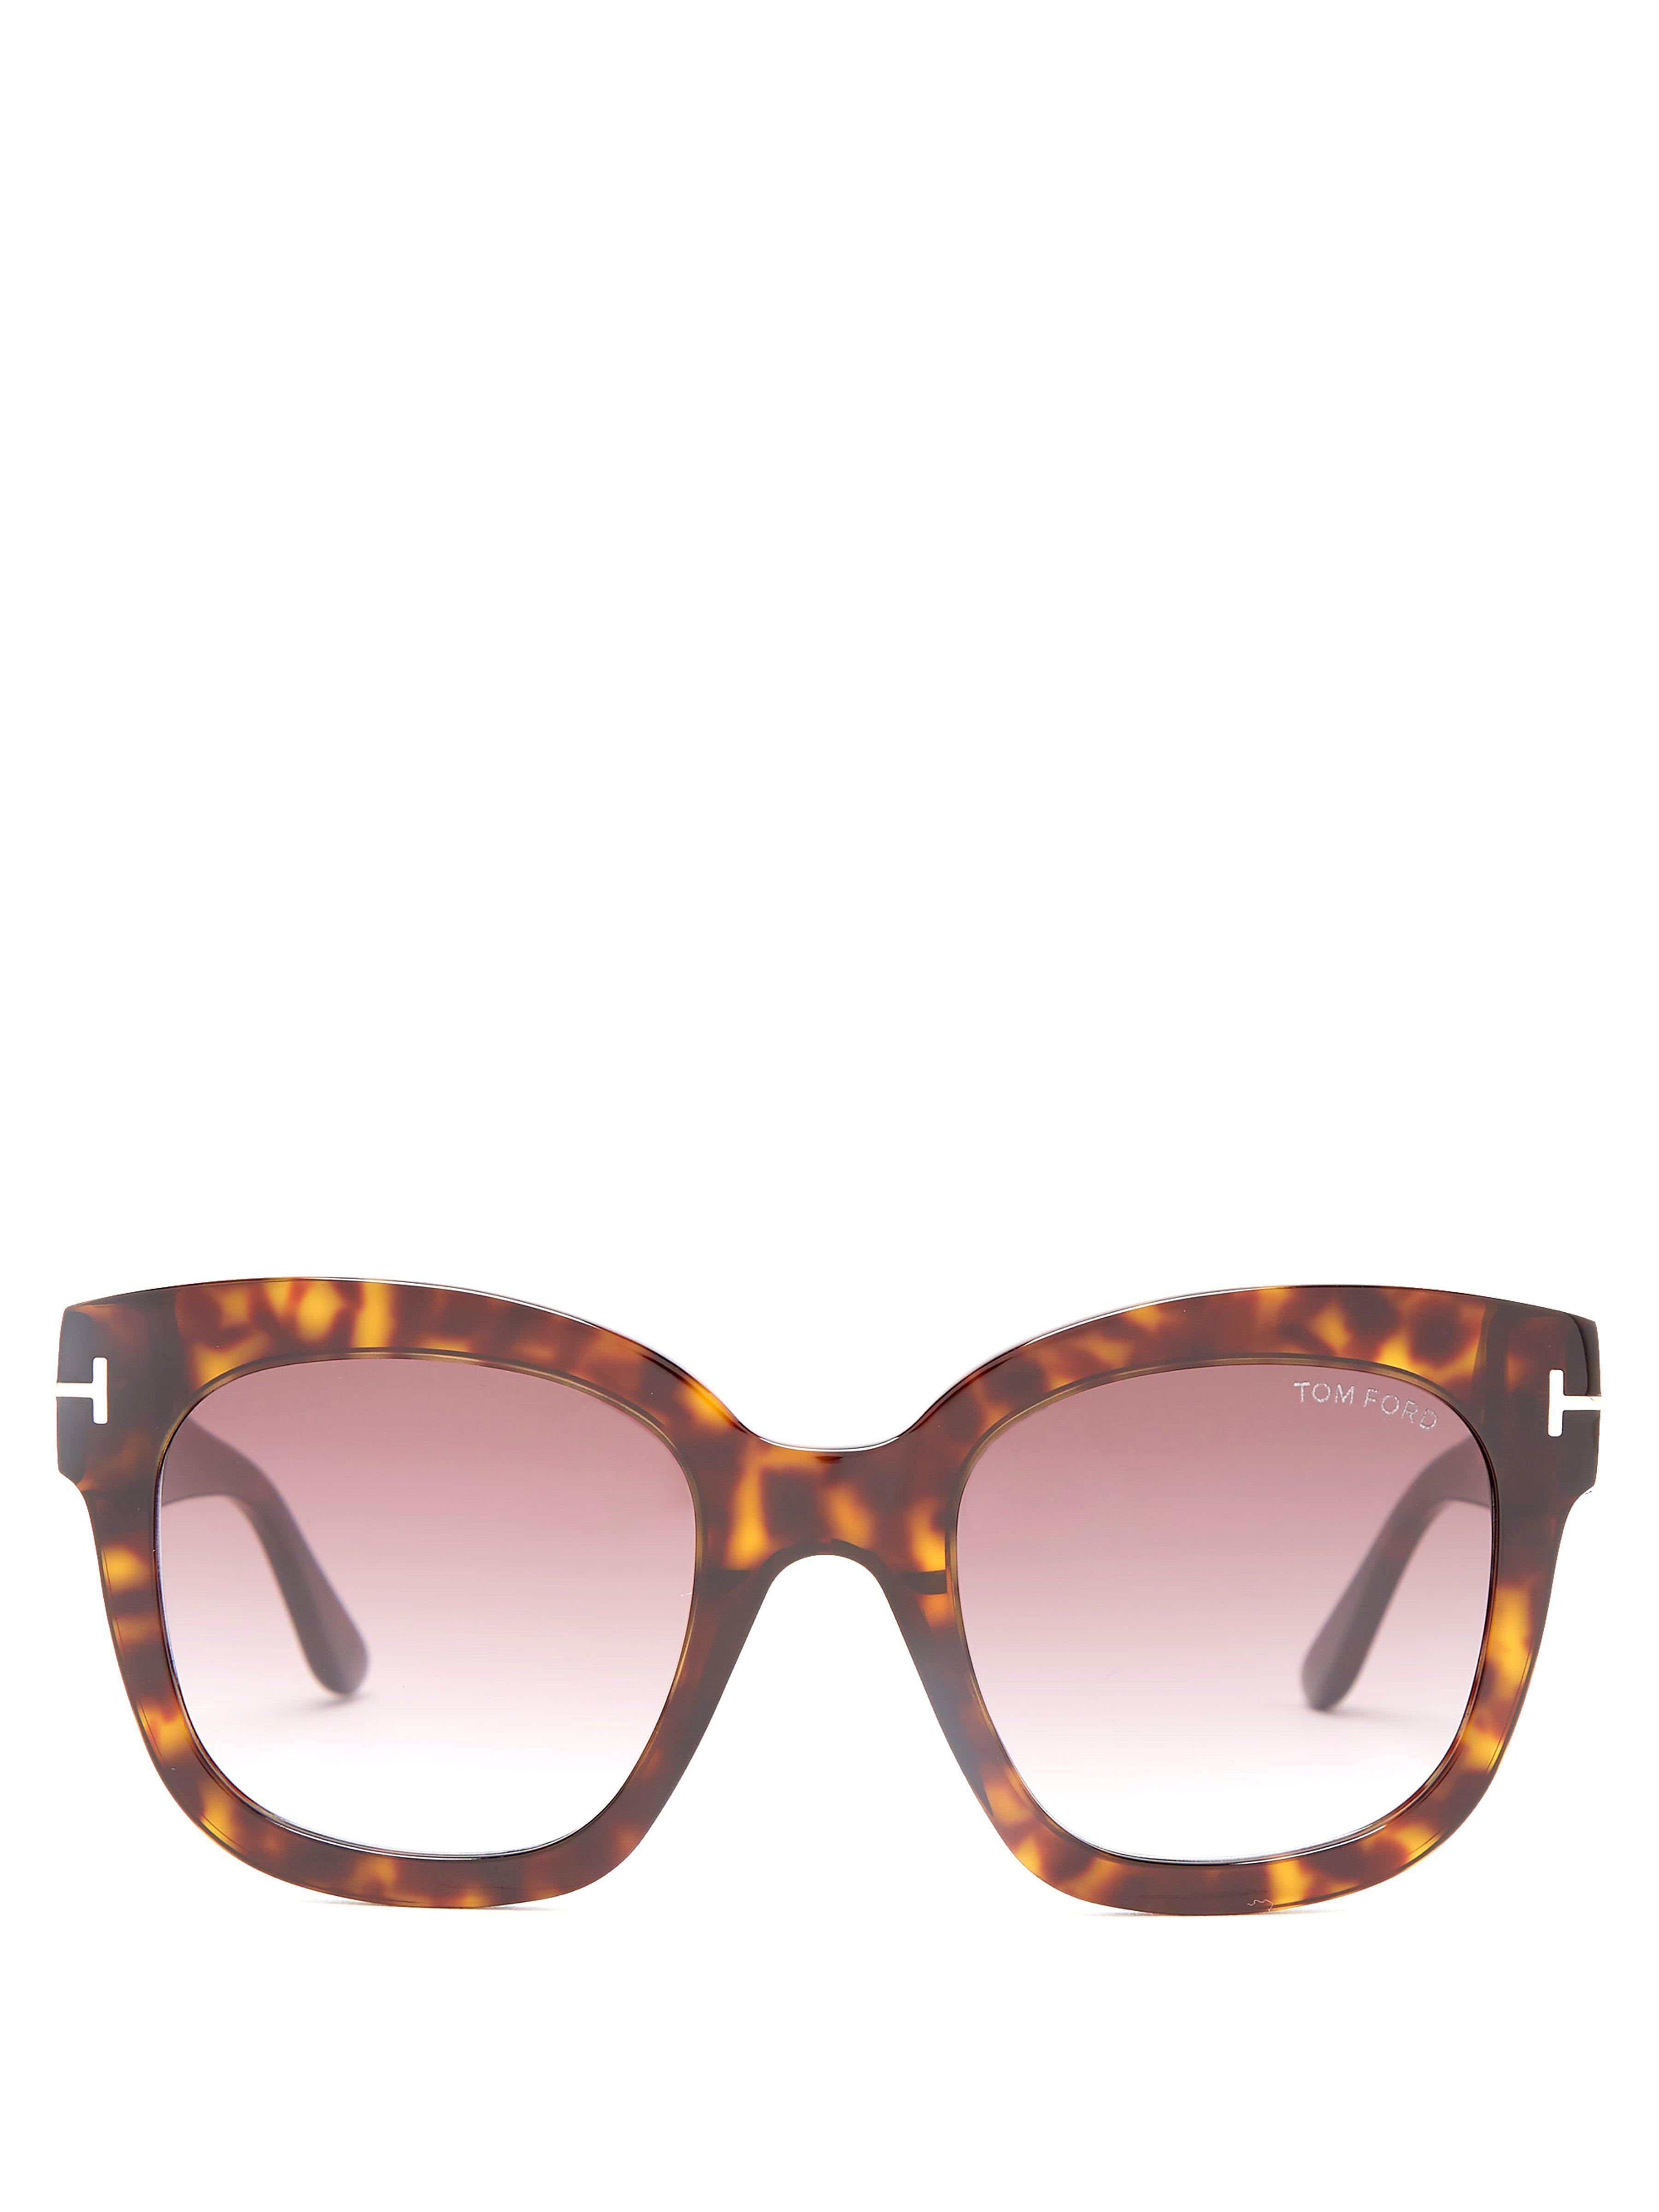 Tom Ford - Brown Lunettes de soleil oversize en acétate Beatrix - Lyst.  Afficher en plein écran 2f62bf99888d